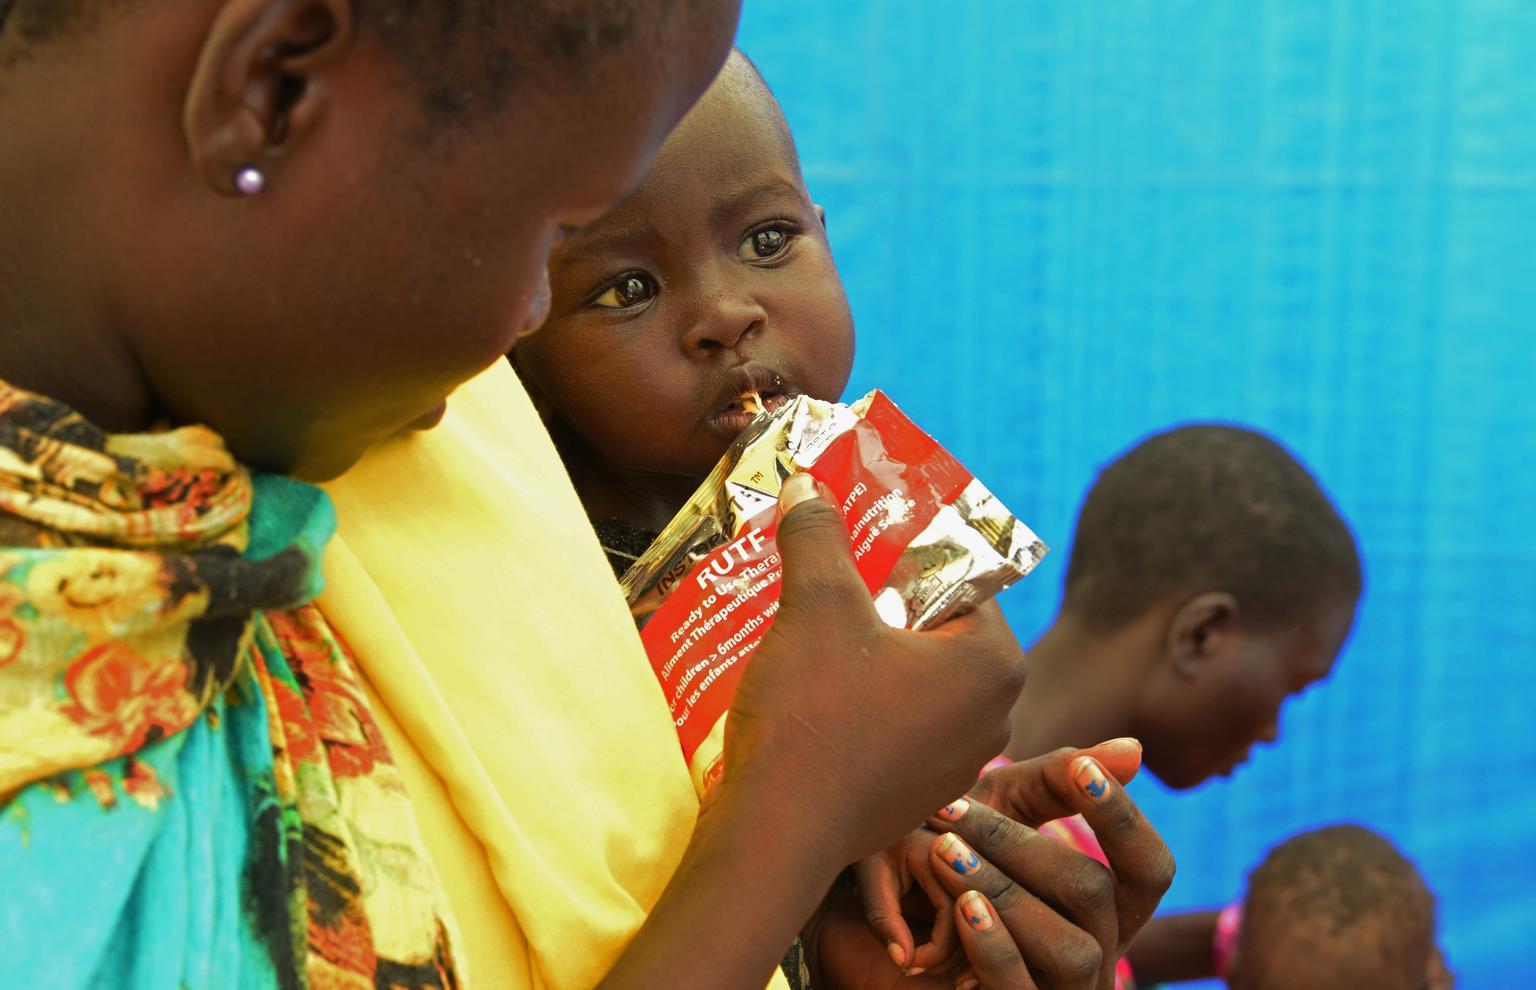 © UNICEF/NYHQ2014-1403/Nesbitt